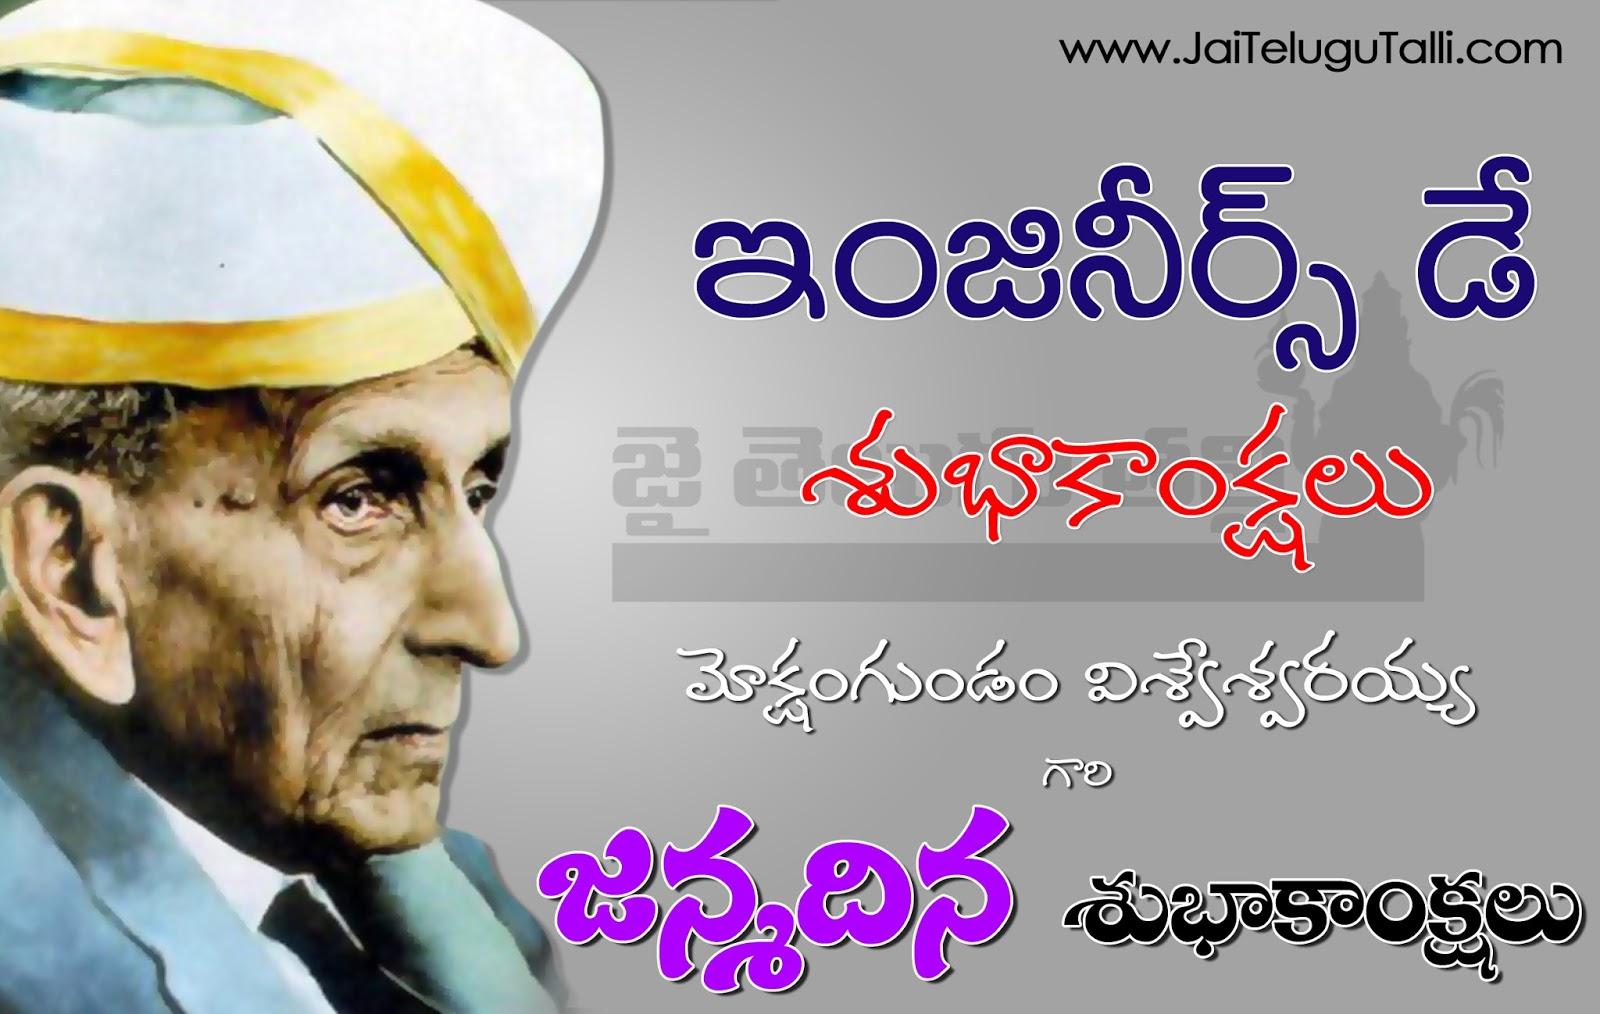 M visvesvaraya birthday greetings and wallpapers best telugu wishes here is a telugu happy birthday images telugu quotes happy birthday wishes happy birthday m4hsunfo